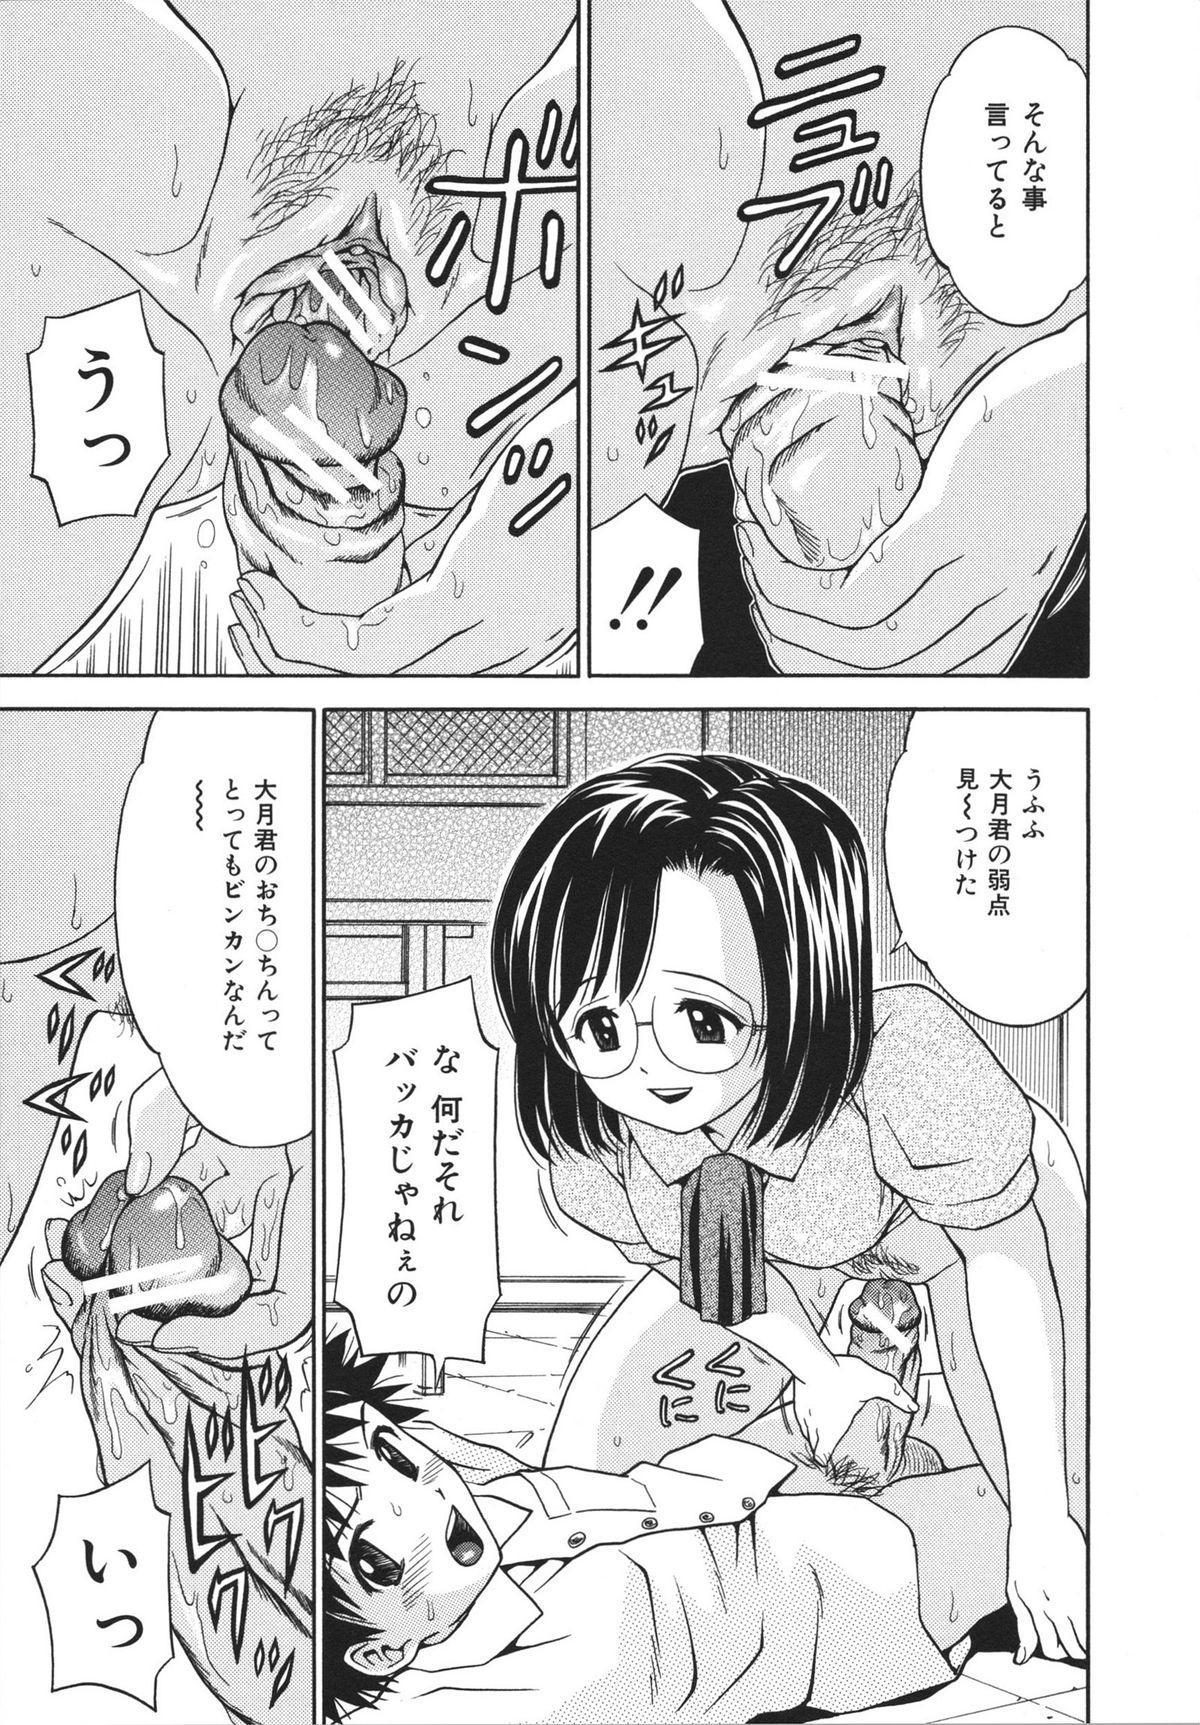 Houtai Shoujo - Bandage Girl 160